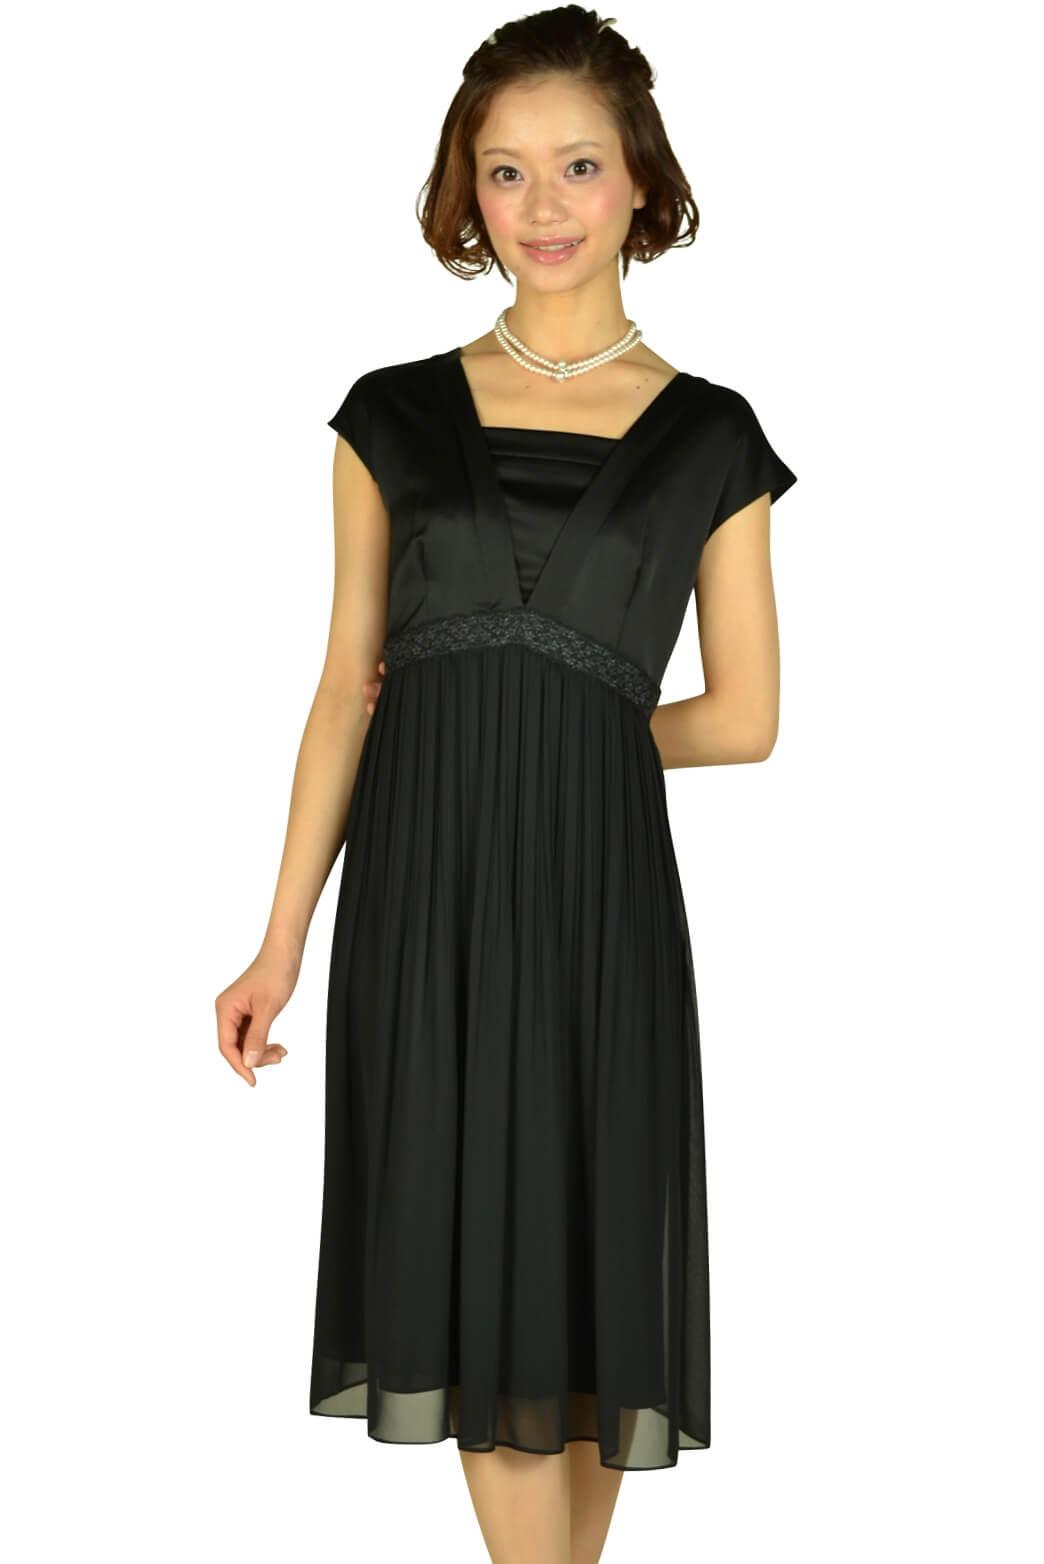 アンタイトル(UNTITLED)ブラックミディ丈ドレス